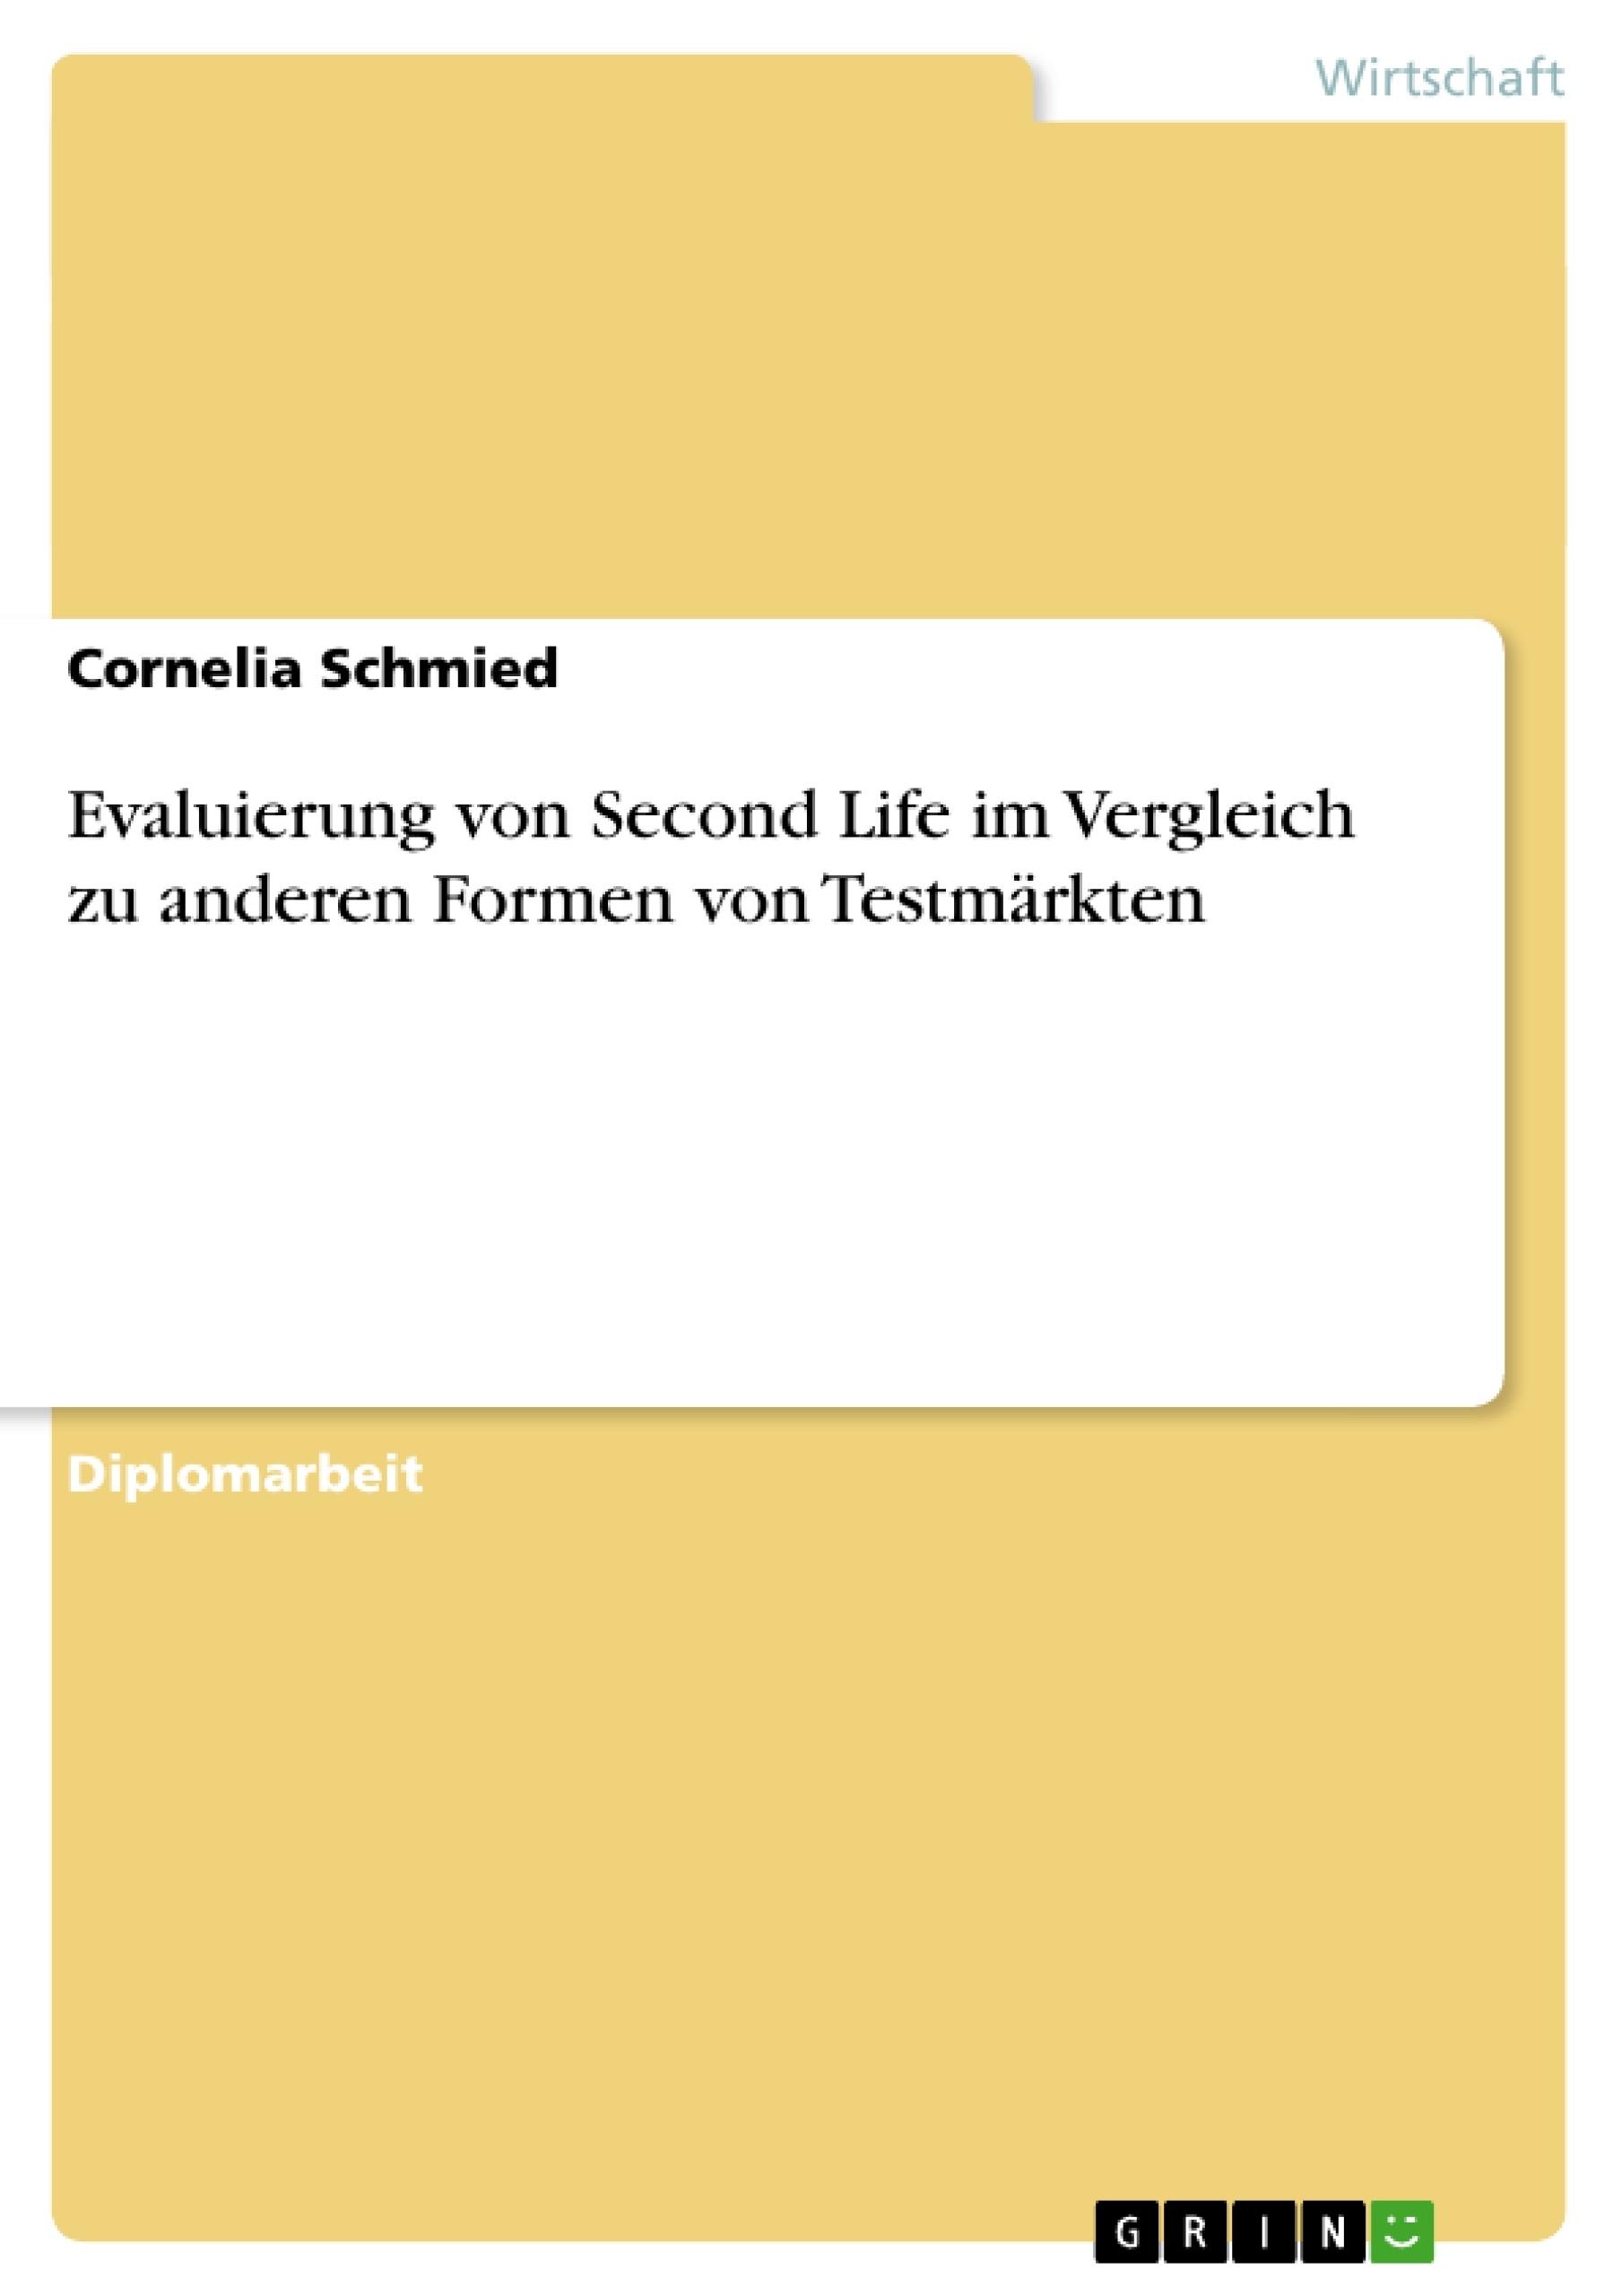 Titel: Evaluierung von Second Life im Vergleich zu anderen Formen von Testmärkten